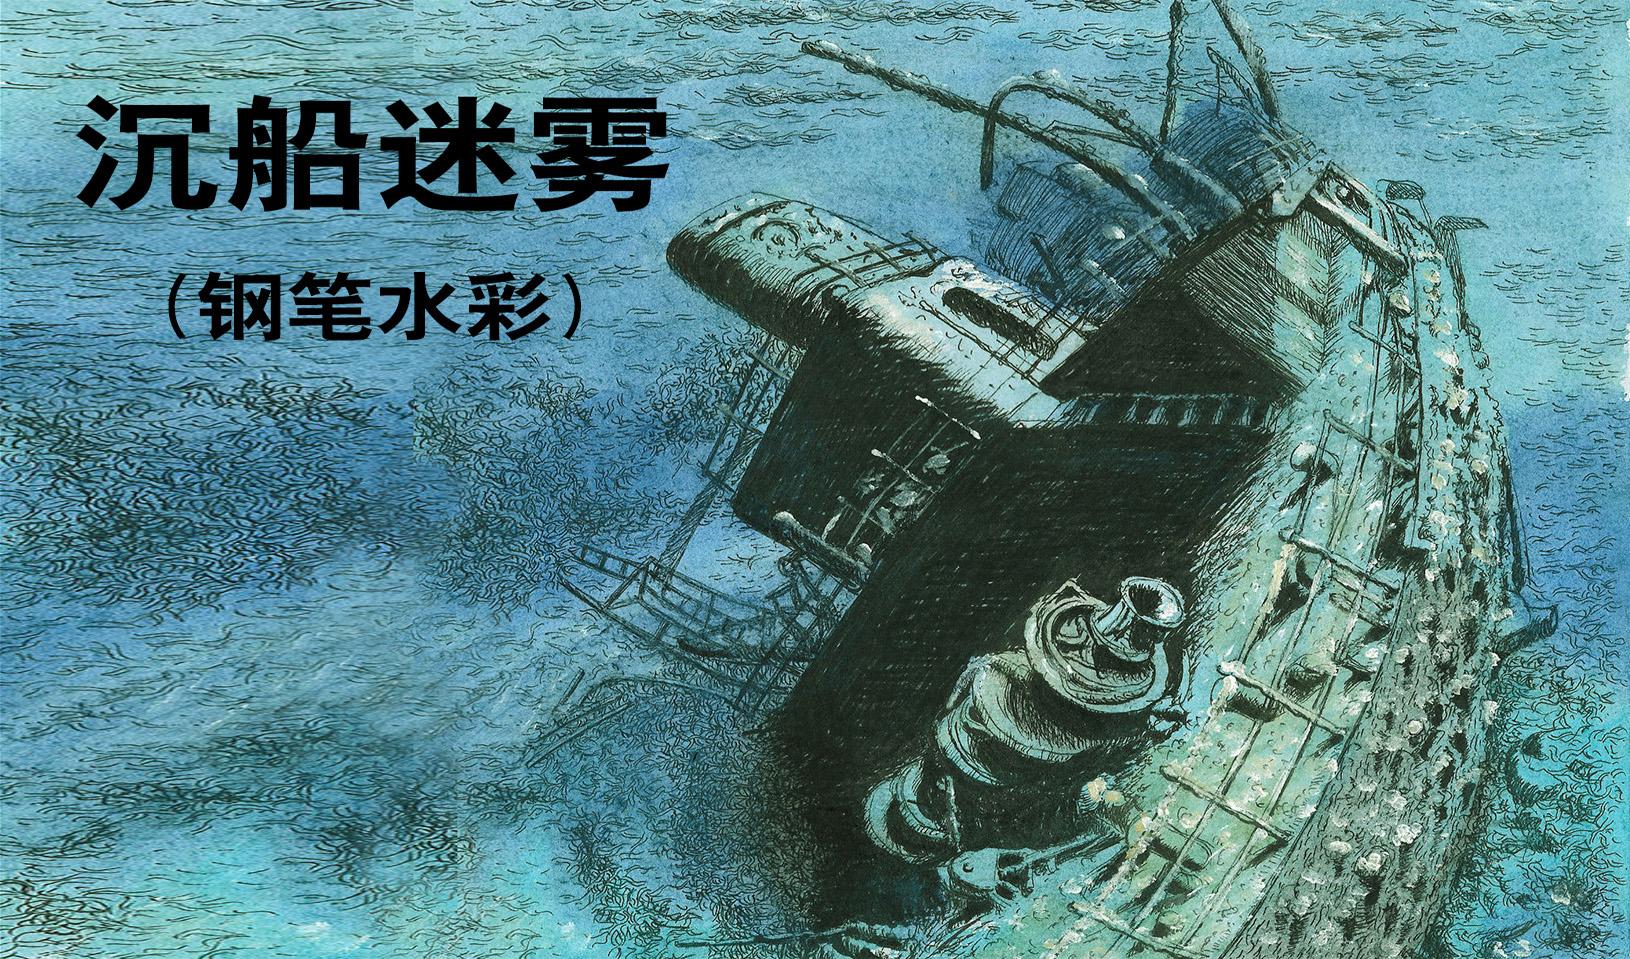 钢笔水彩画《沉船迷雾》